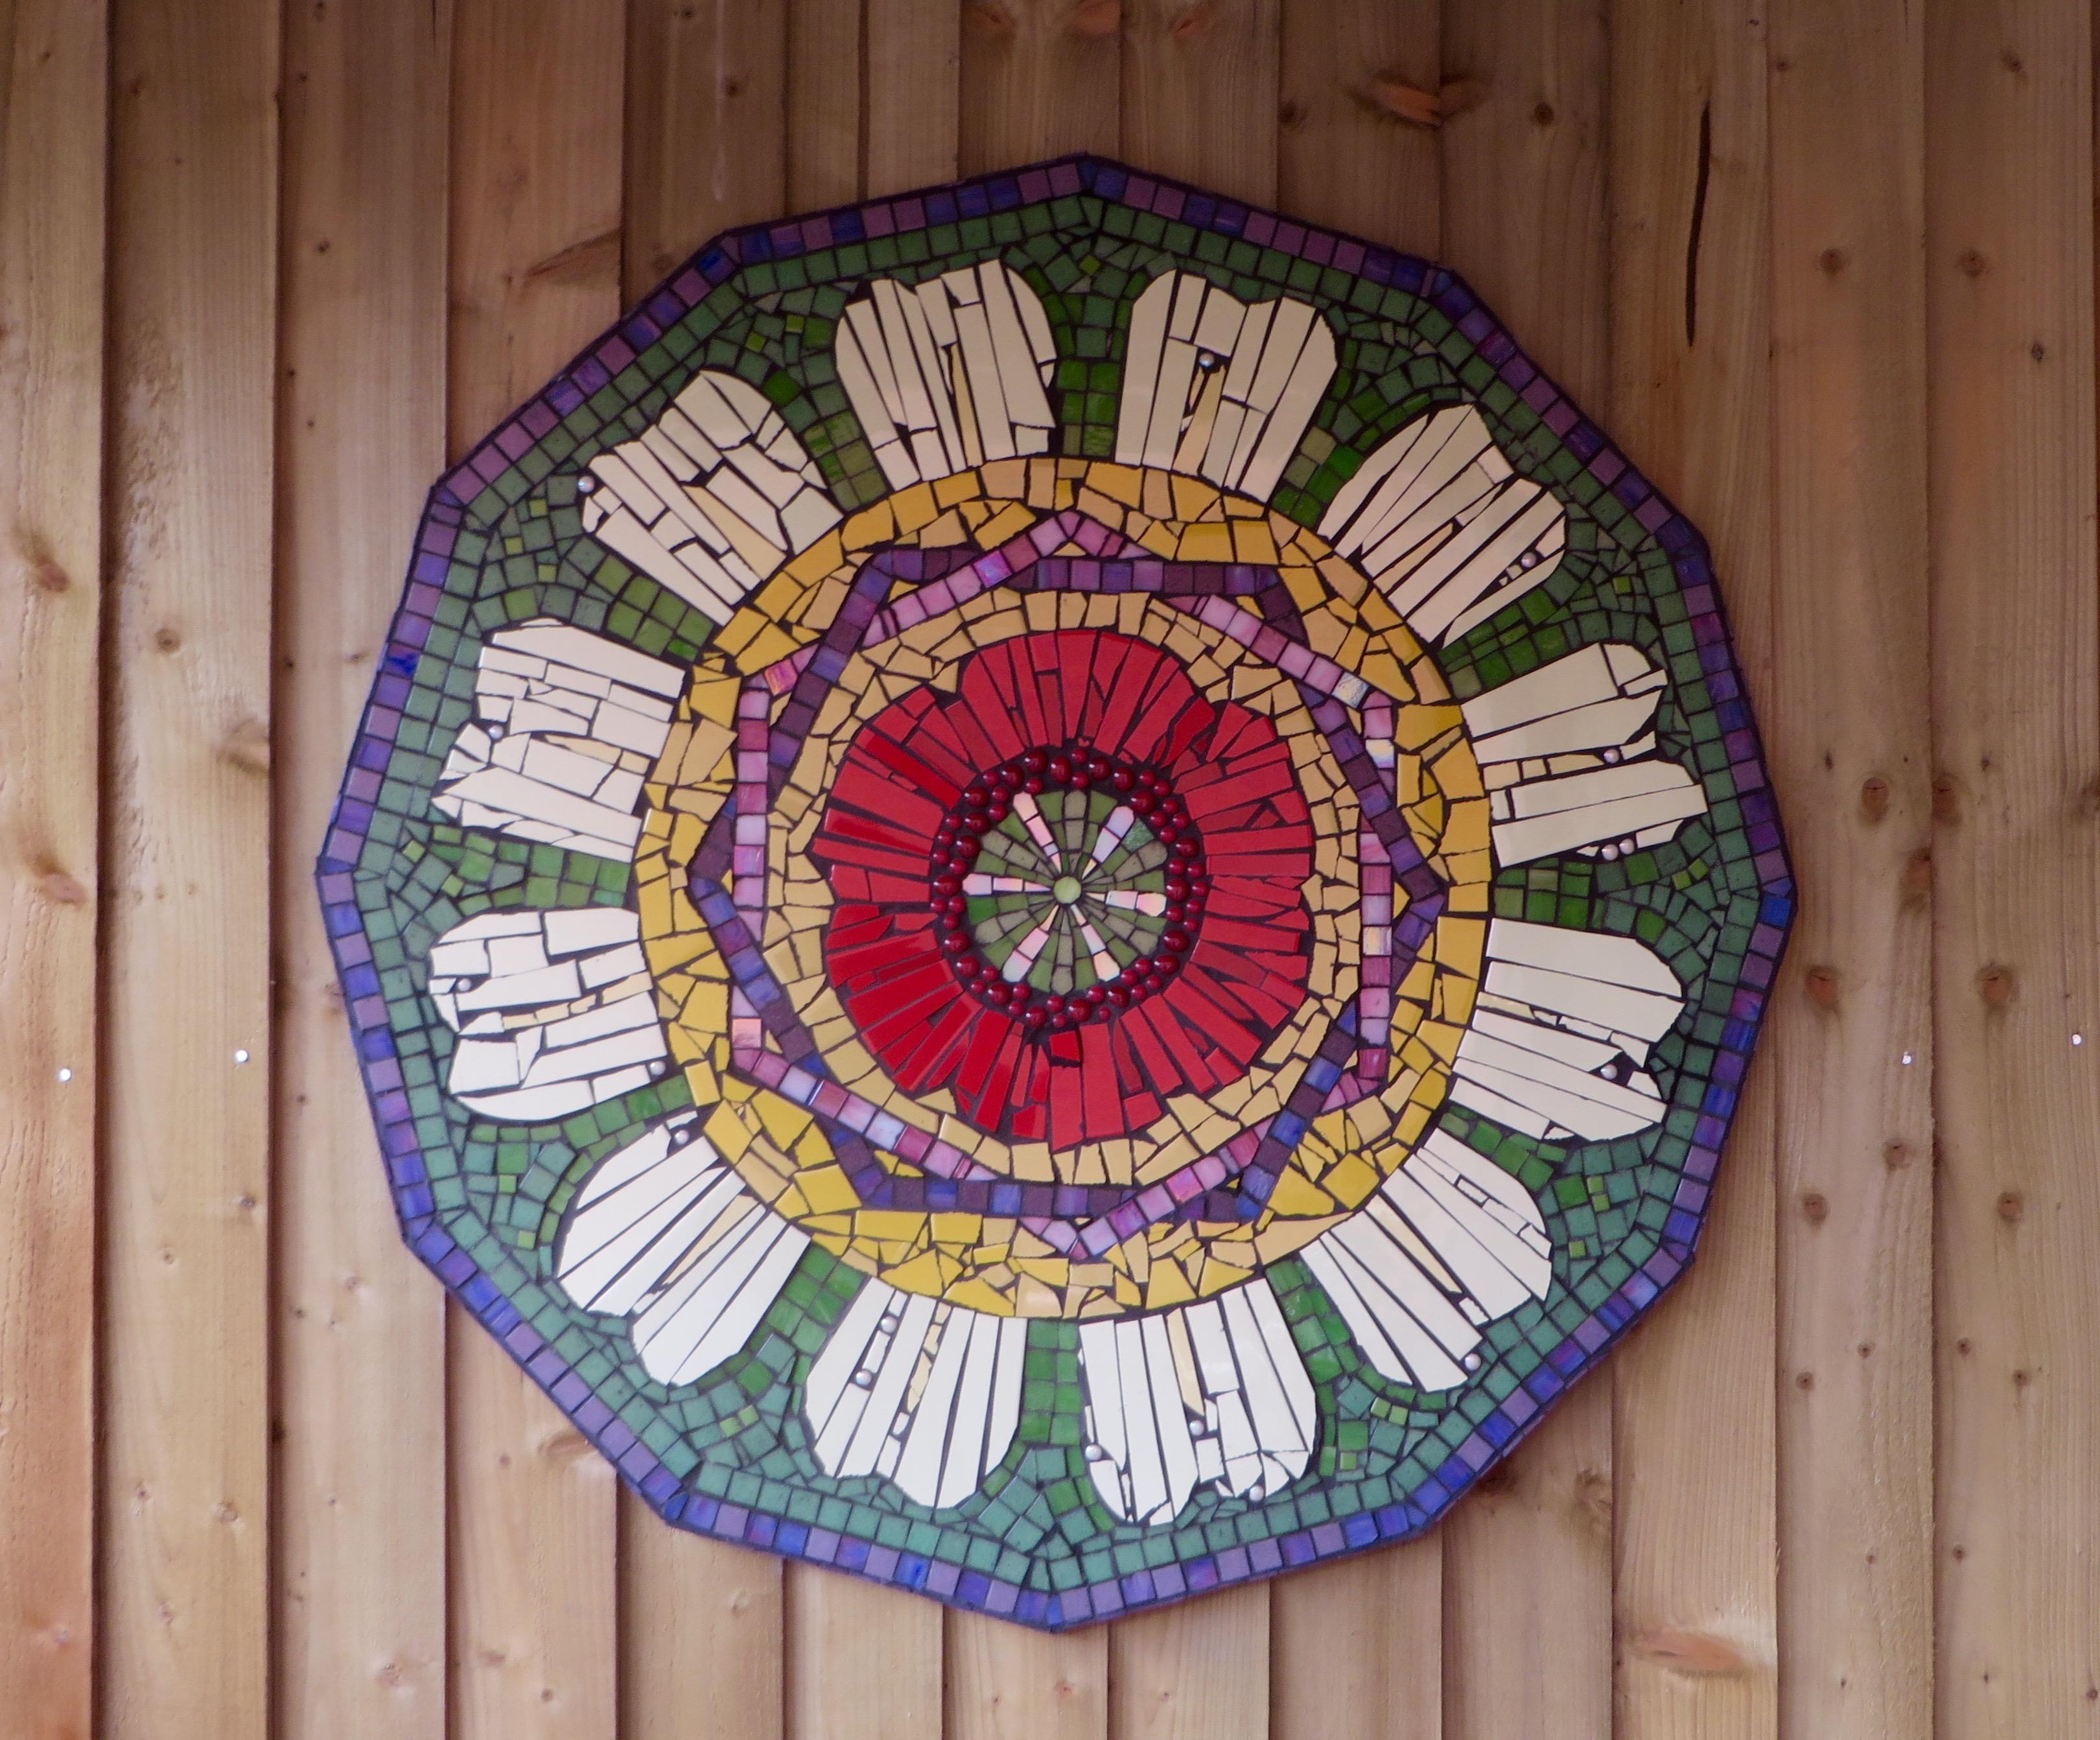 Topsham Primary School Garden Mosaic